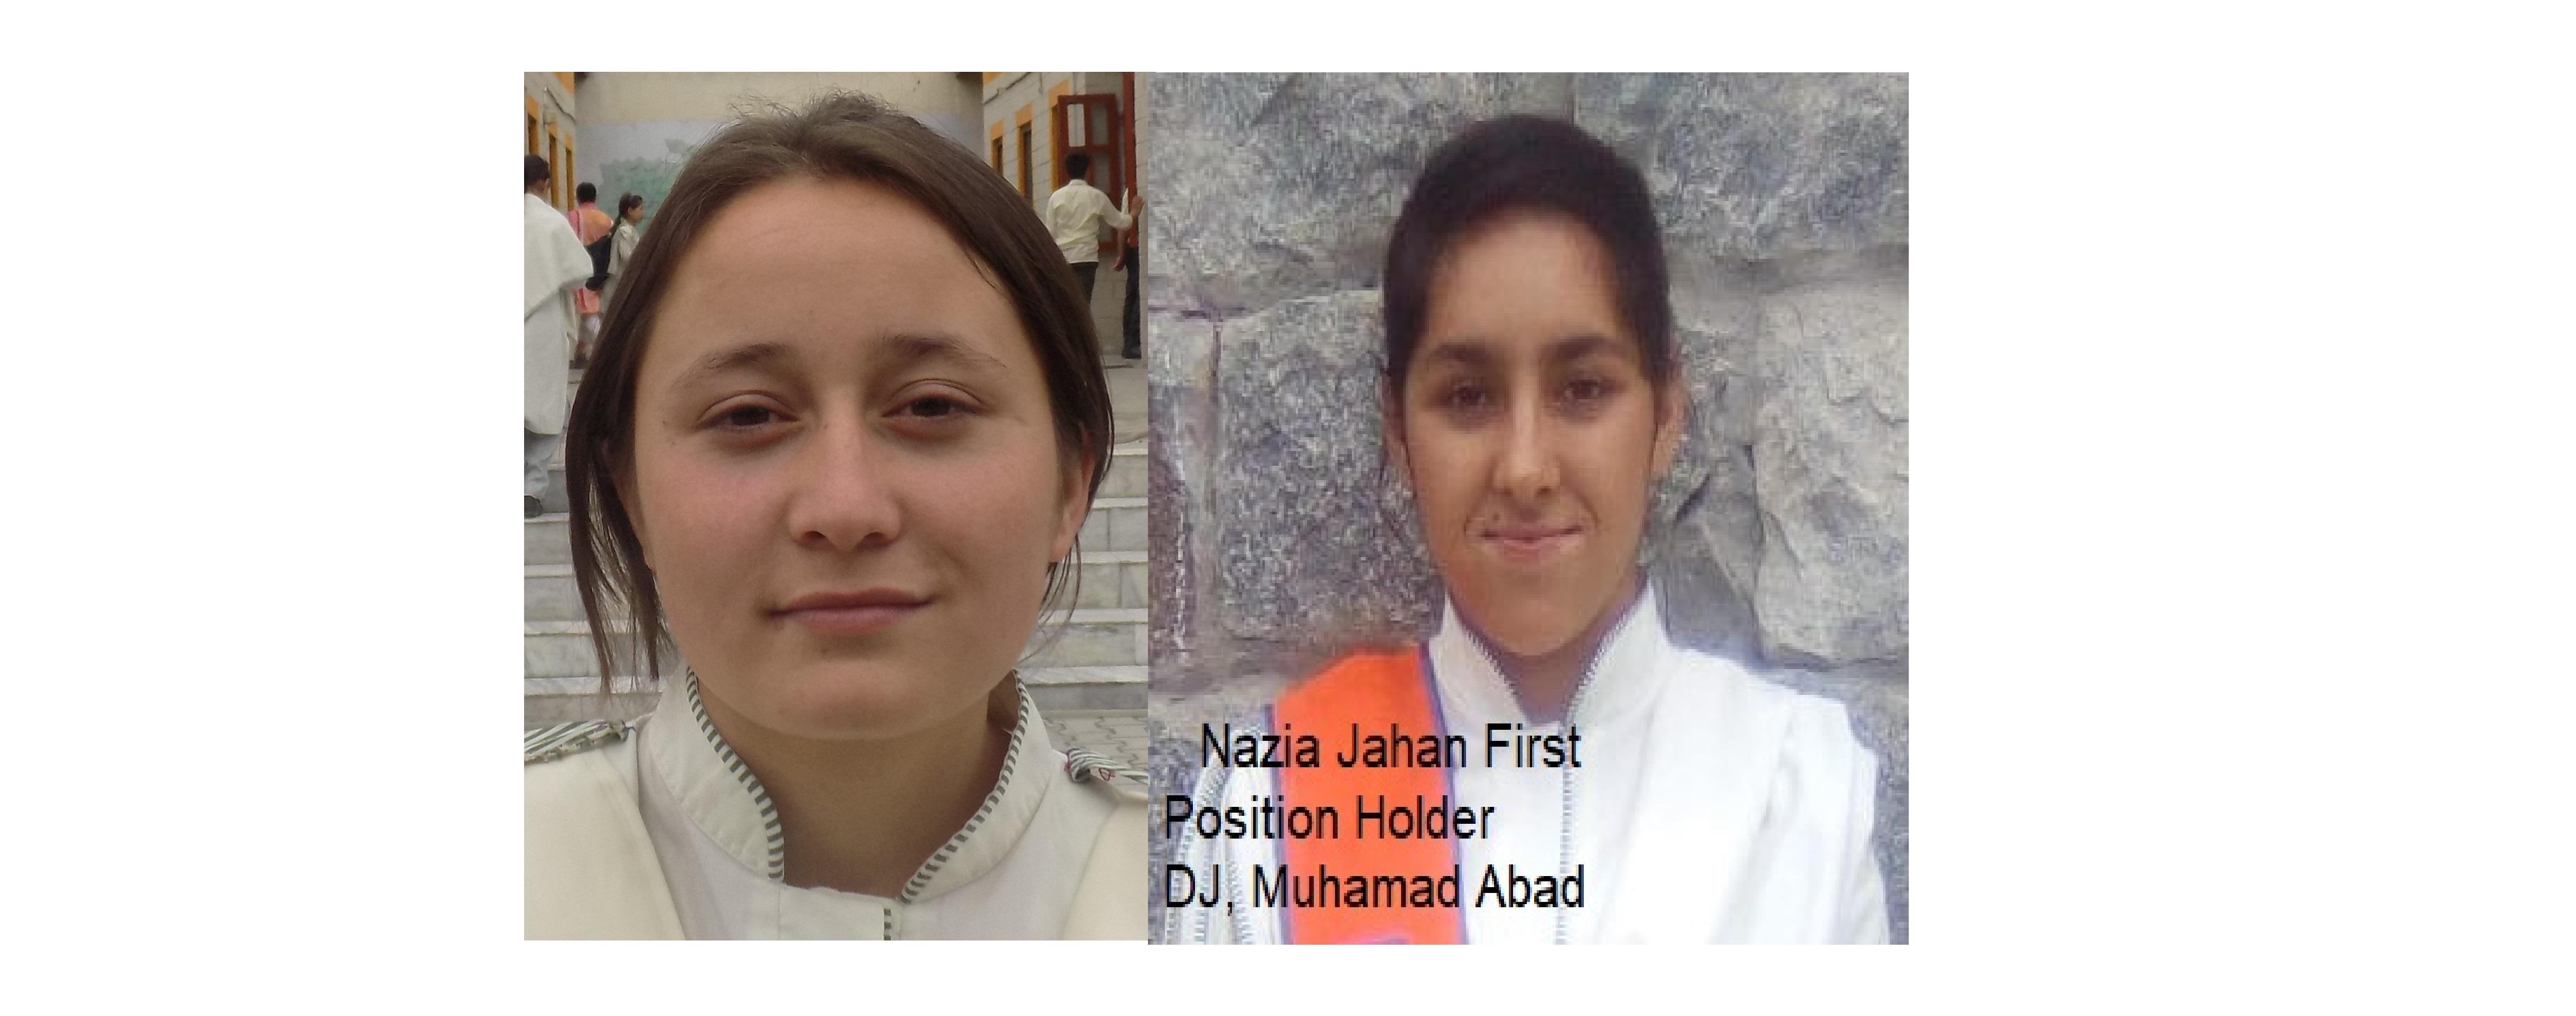 آغا خان ایجوکیشن سروس اور ڈائمنڈ جوبلی سکولوں کا اعزاز، قراقرم ینیورسٹی امتحانی بورڈ میں امتیازی مقام